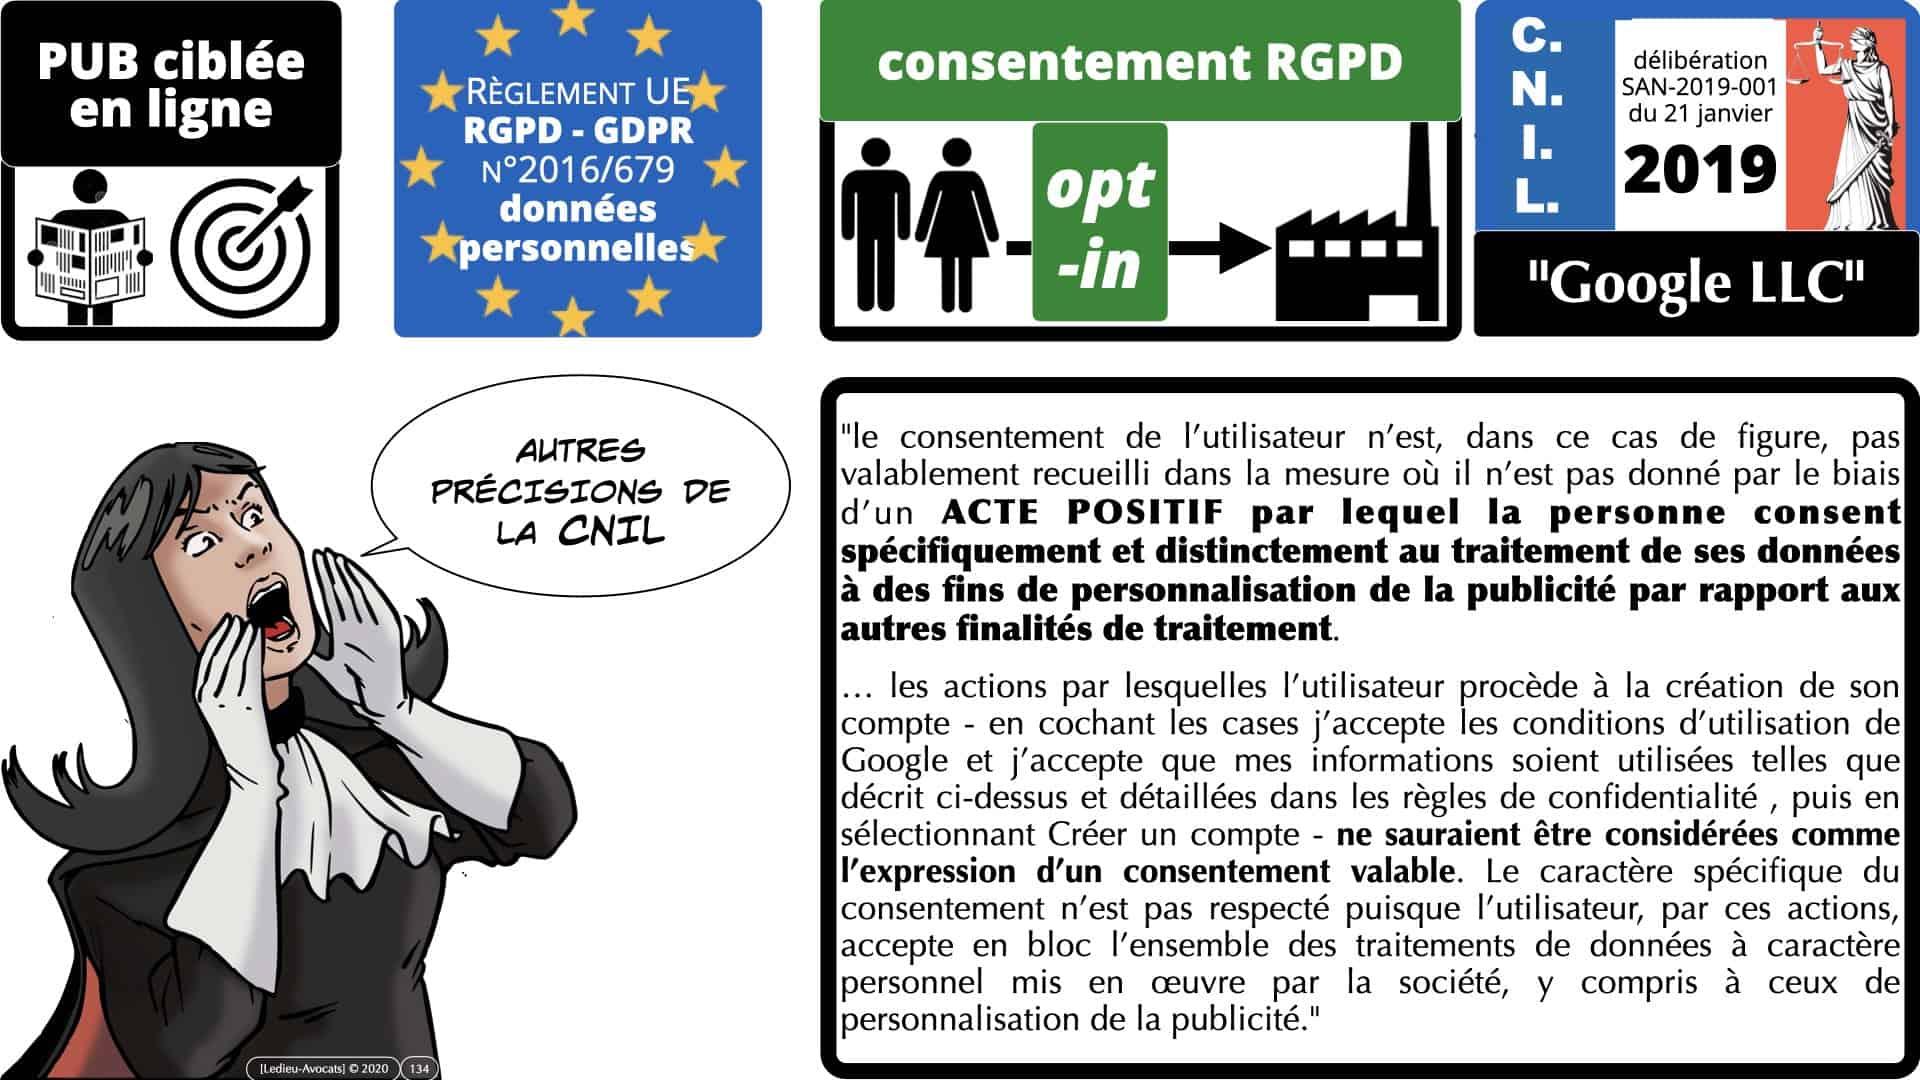 RGPD e-Privacy données personnelles jurisprudence formation Lamy Les Echos 10-02-2021 ©Ledieu-Avocats.134